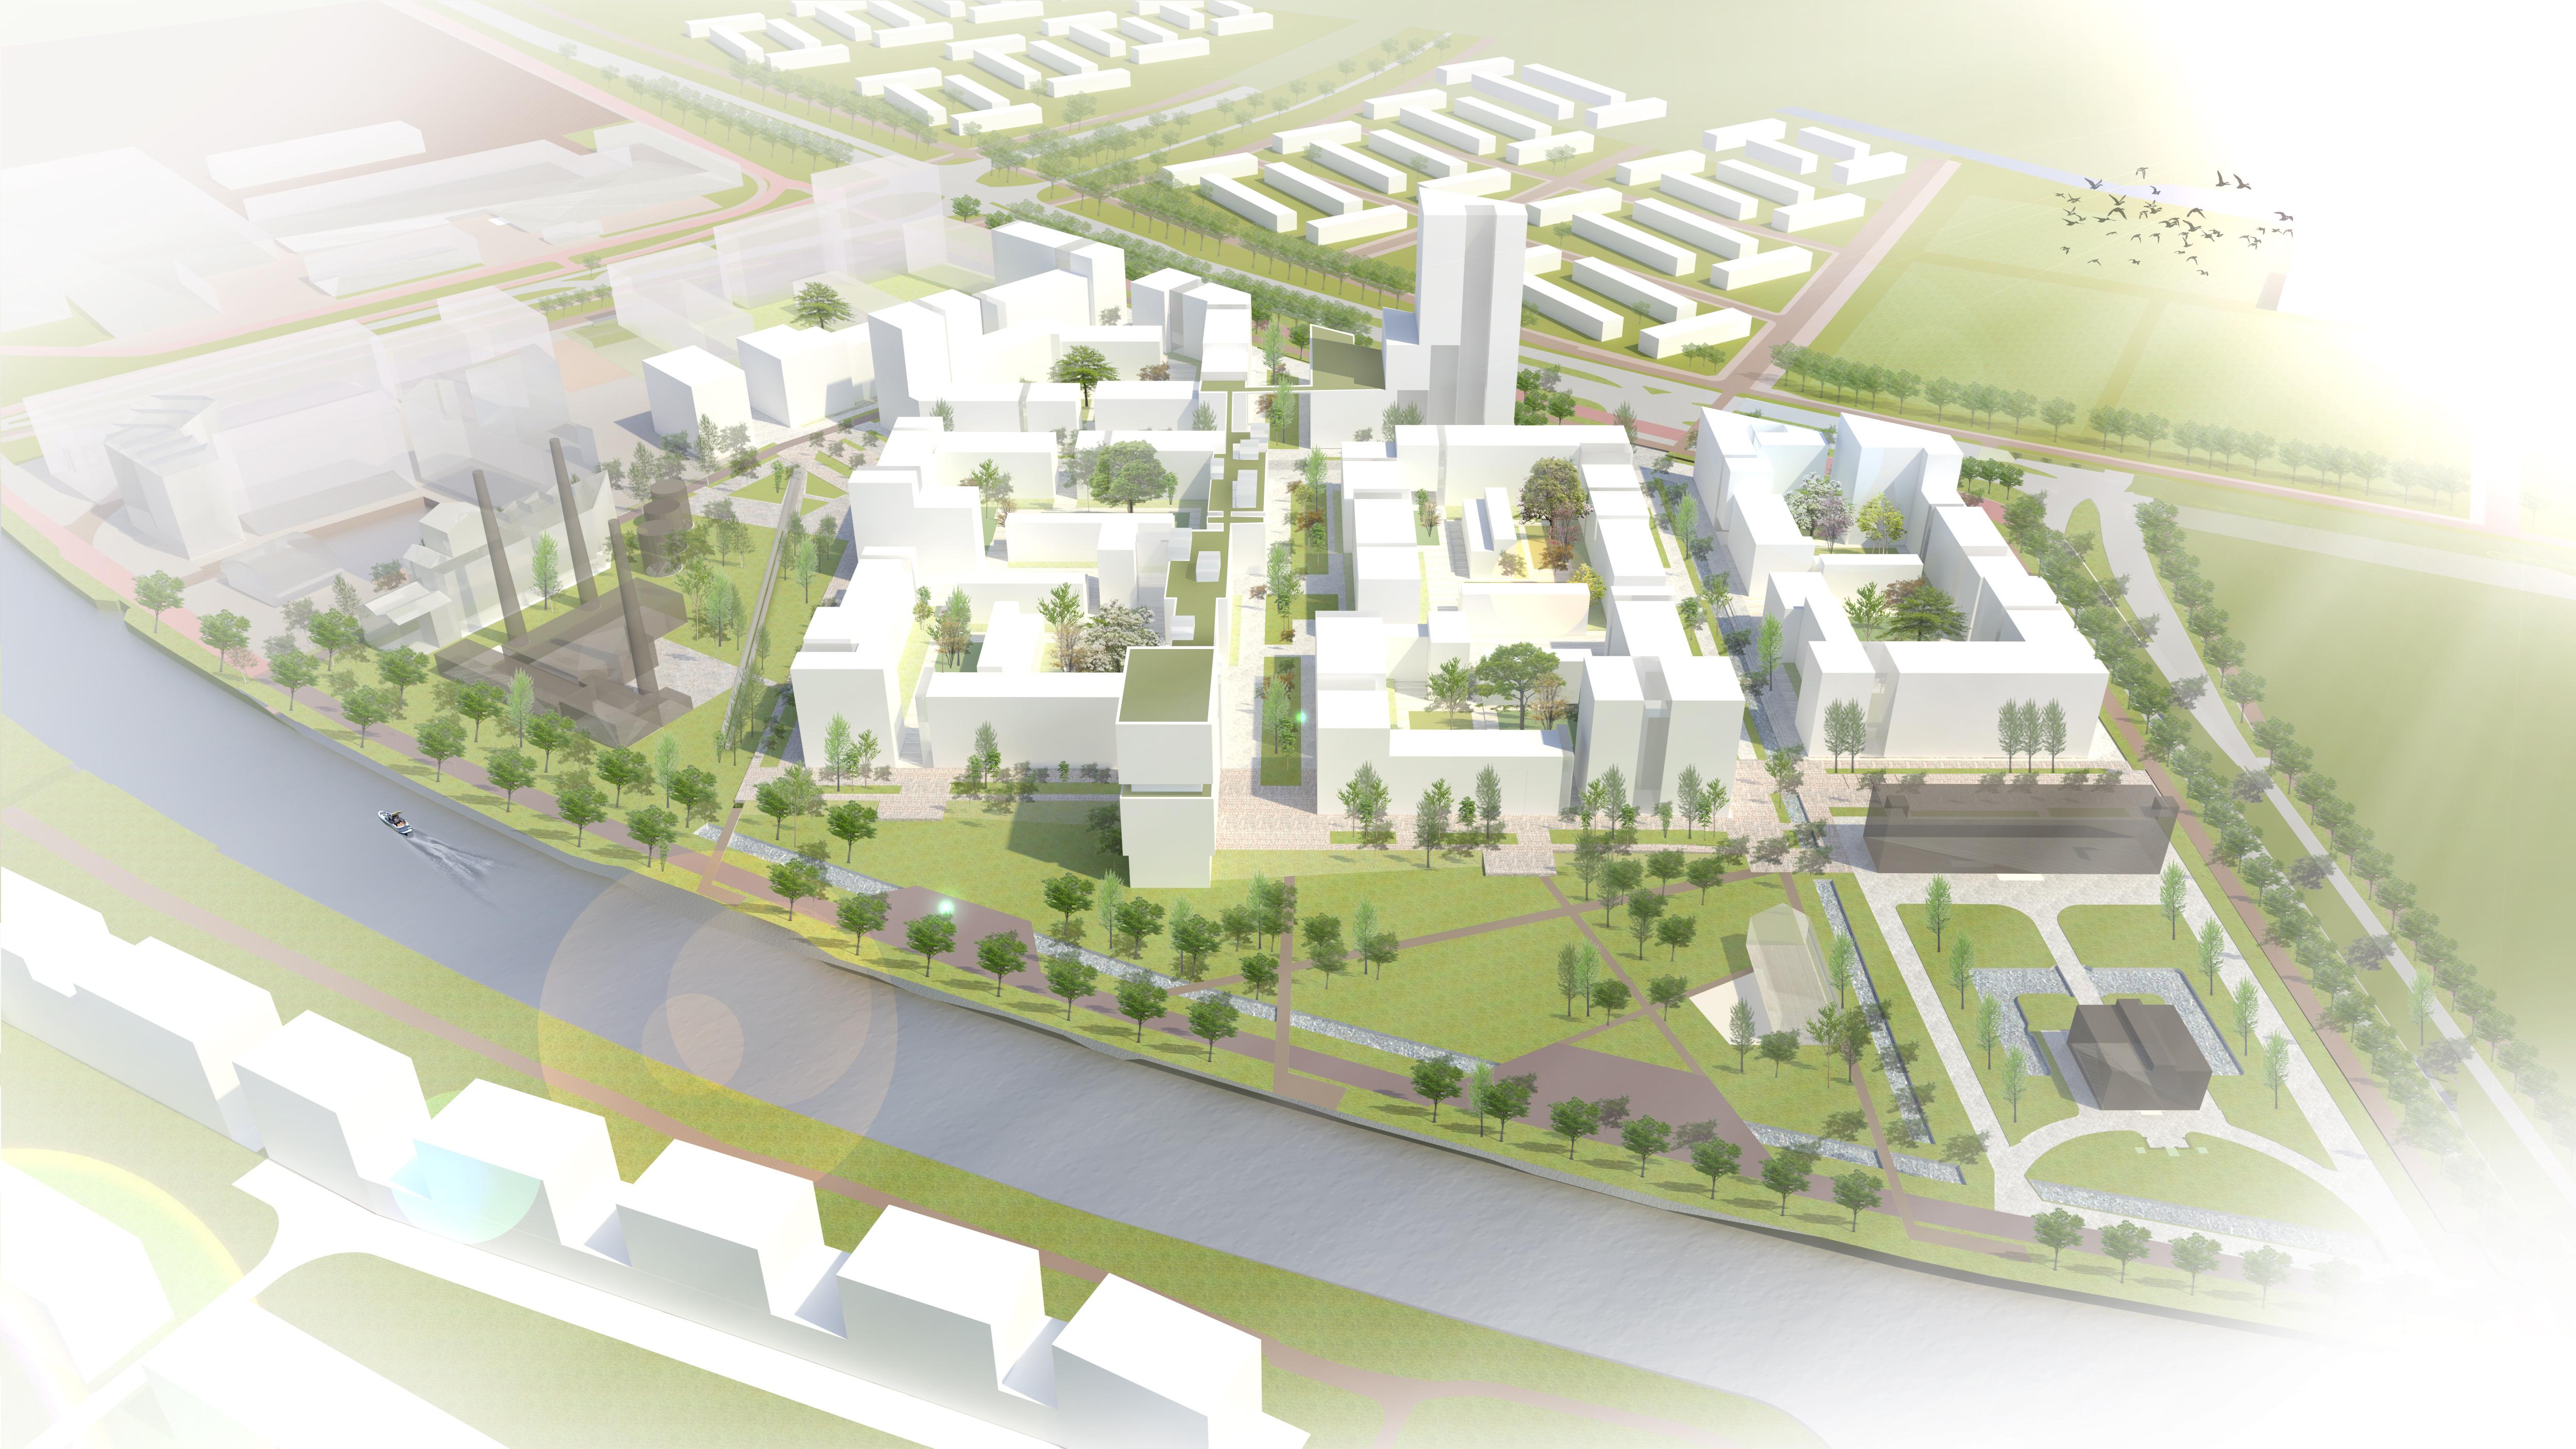 SVP_Voormalig_defensieterein_de_nieuwe_defensie_Utrecht_School_vogelvlucht_stedenbouwkundig_plan